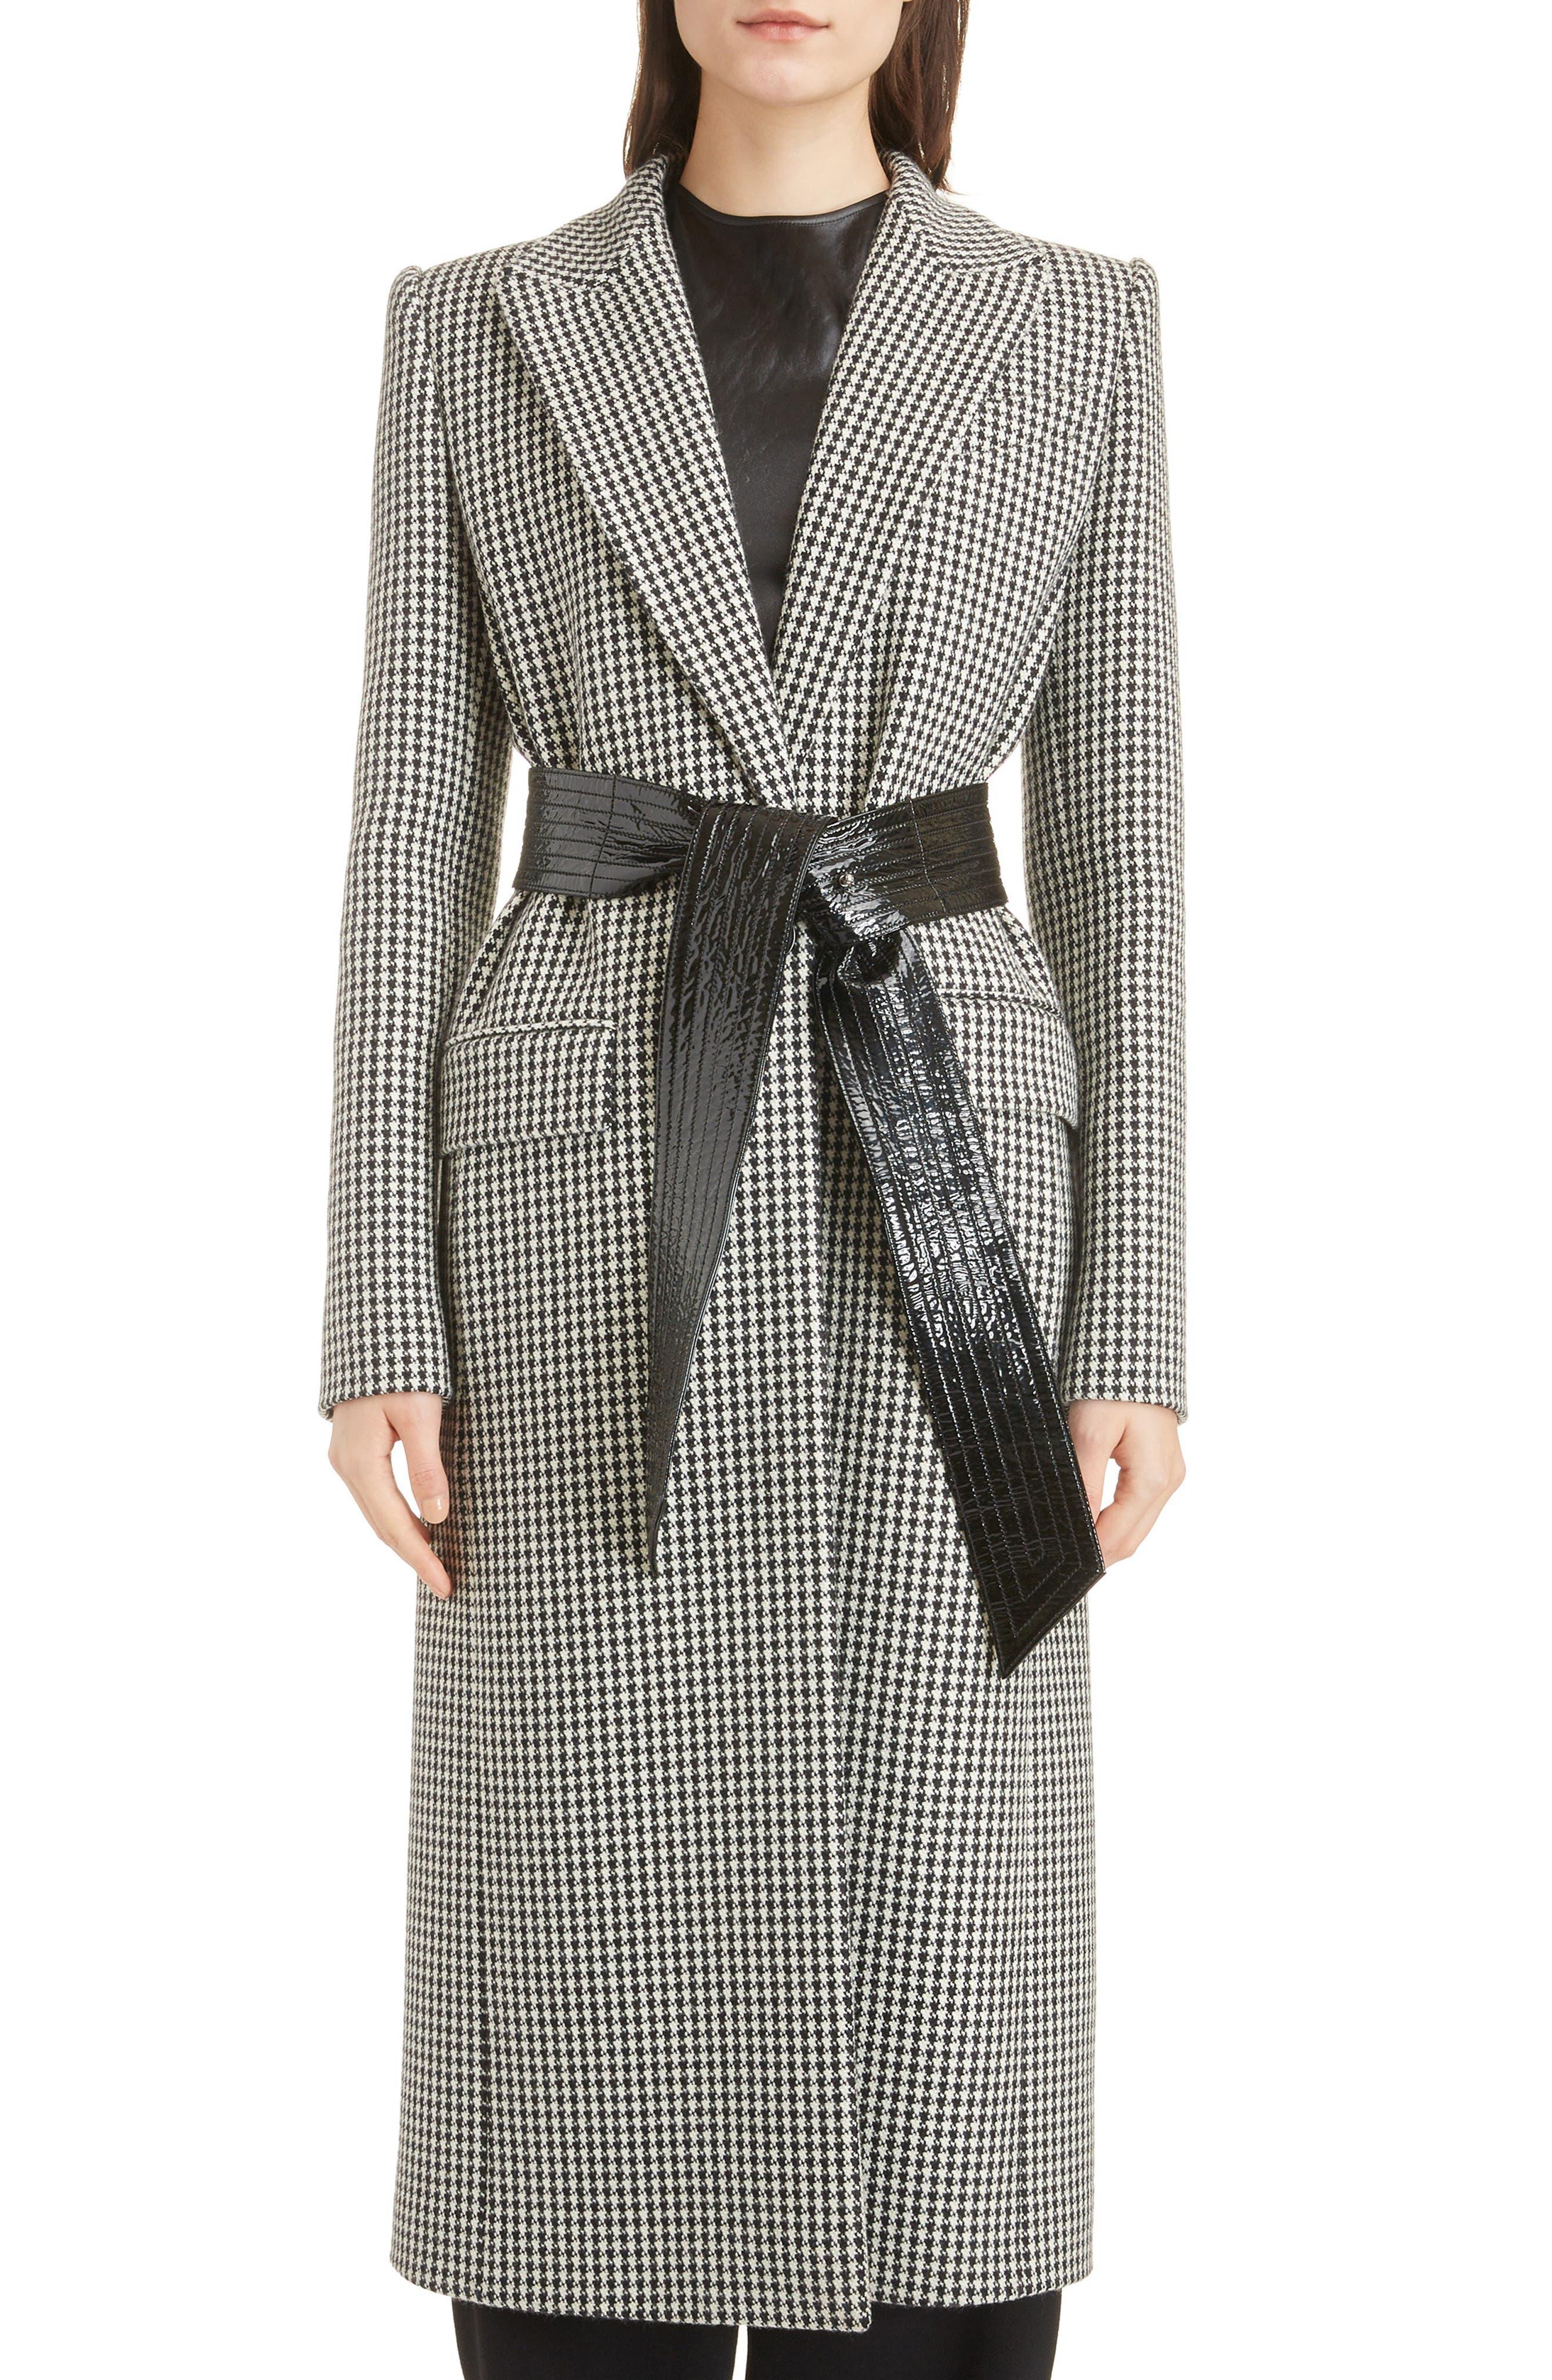 Houndstooth Wool Coat,                             Main thumbnail 1, color,                             BLACK NATURAL